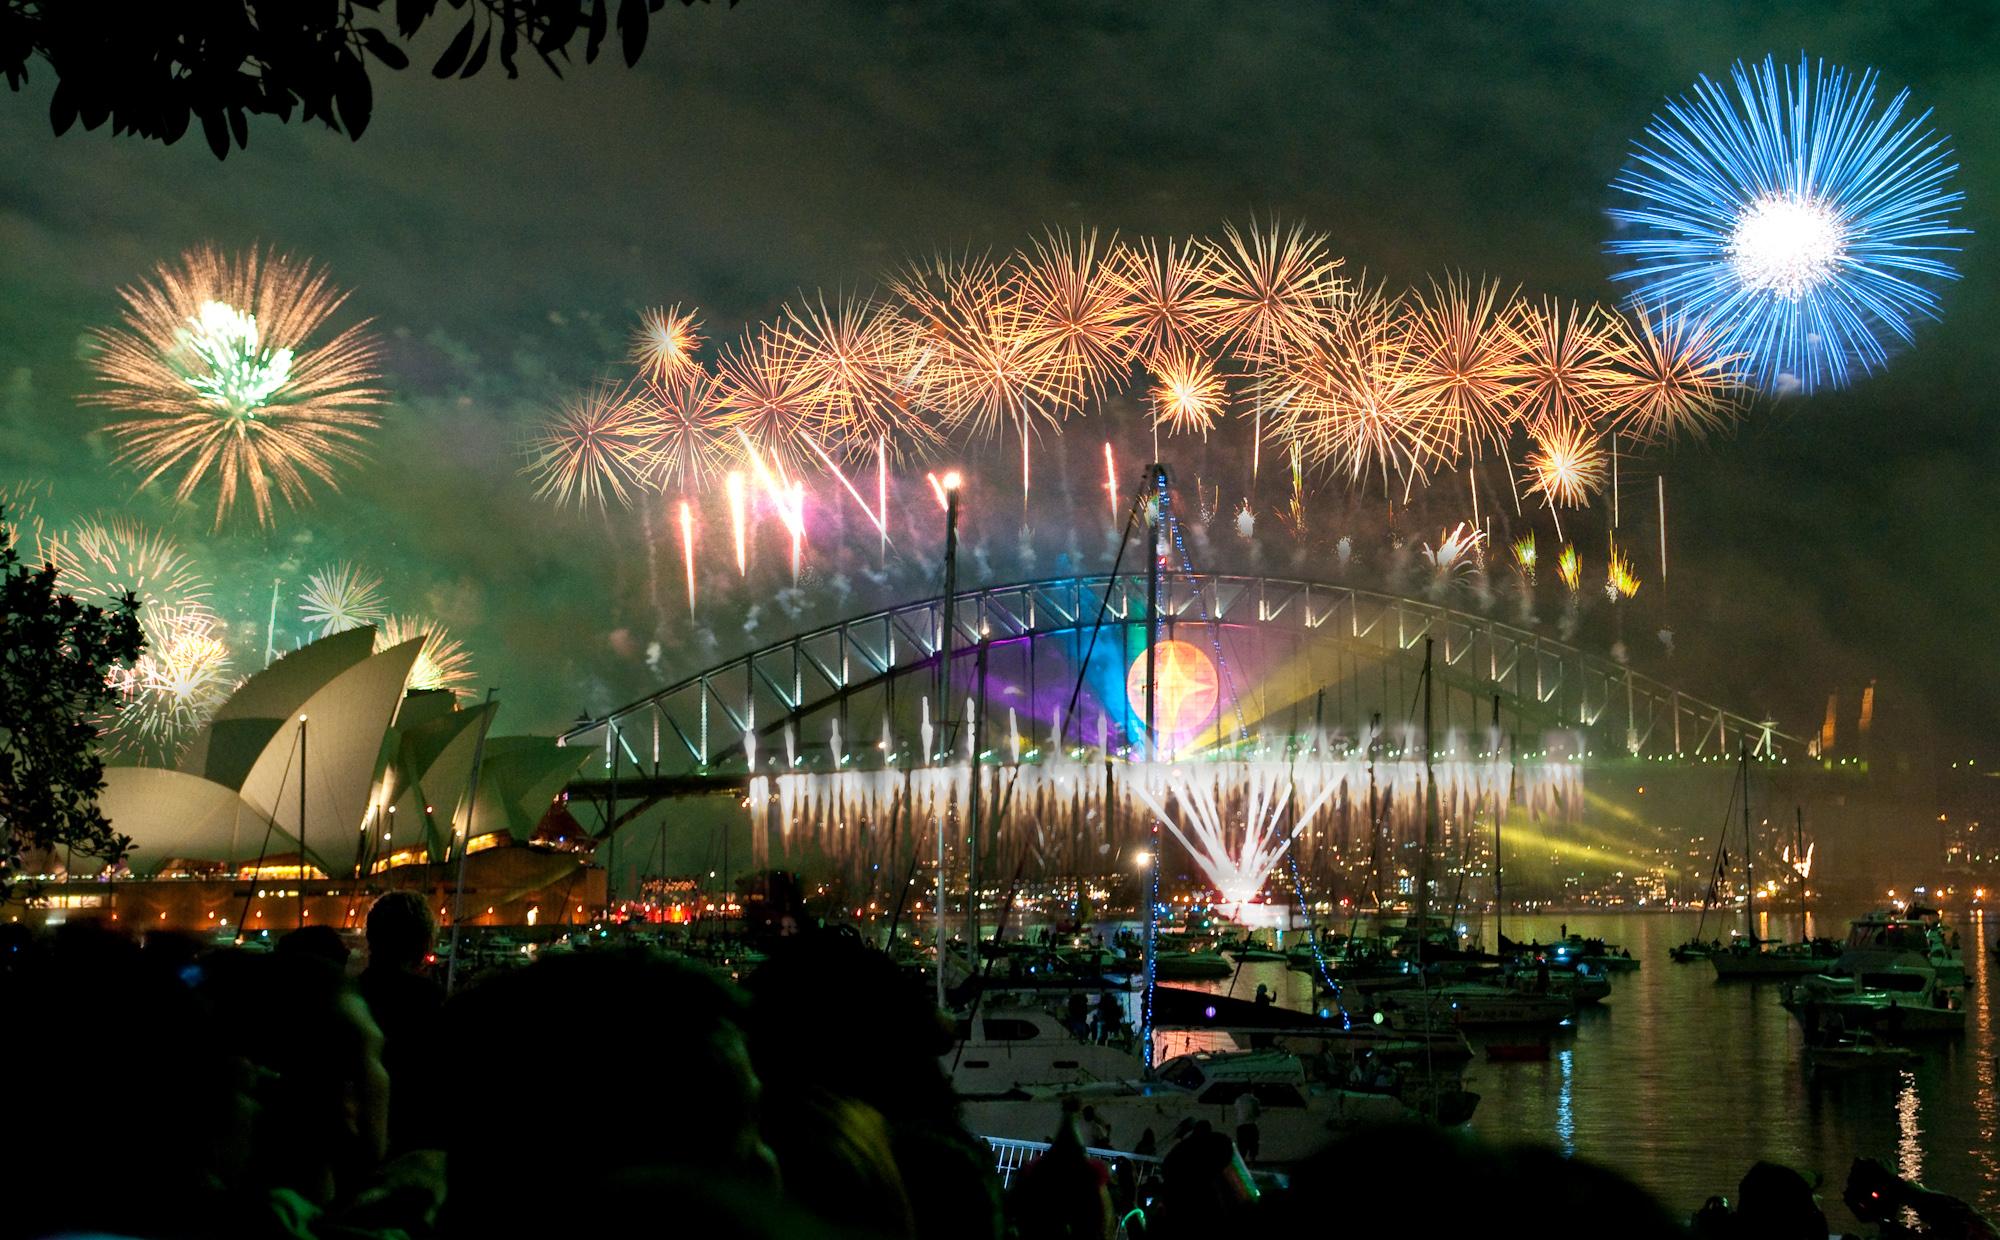 sydney opera house year - photo#3